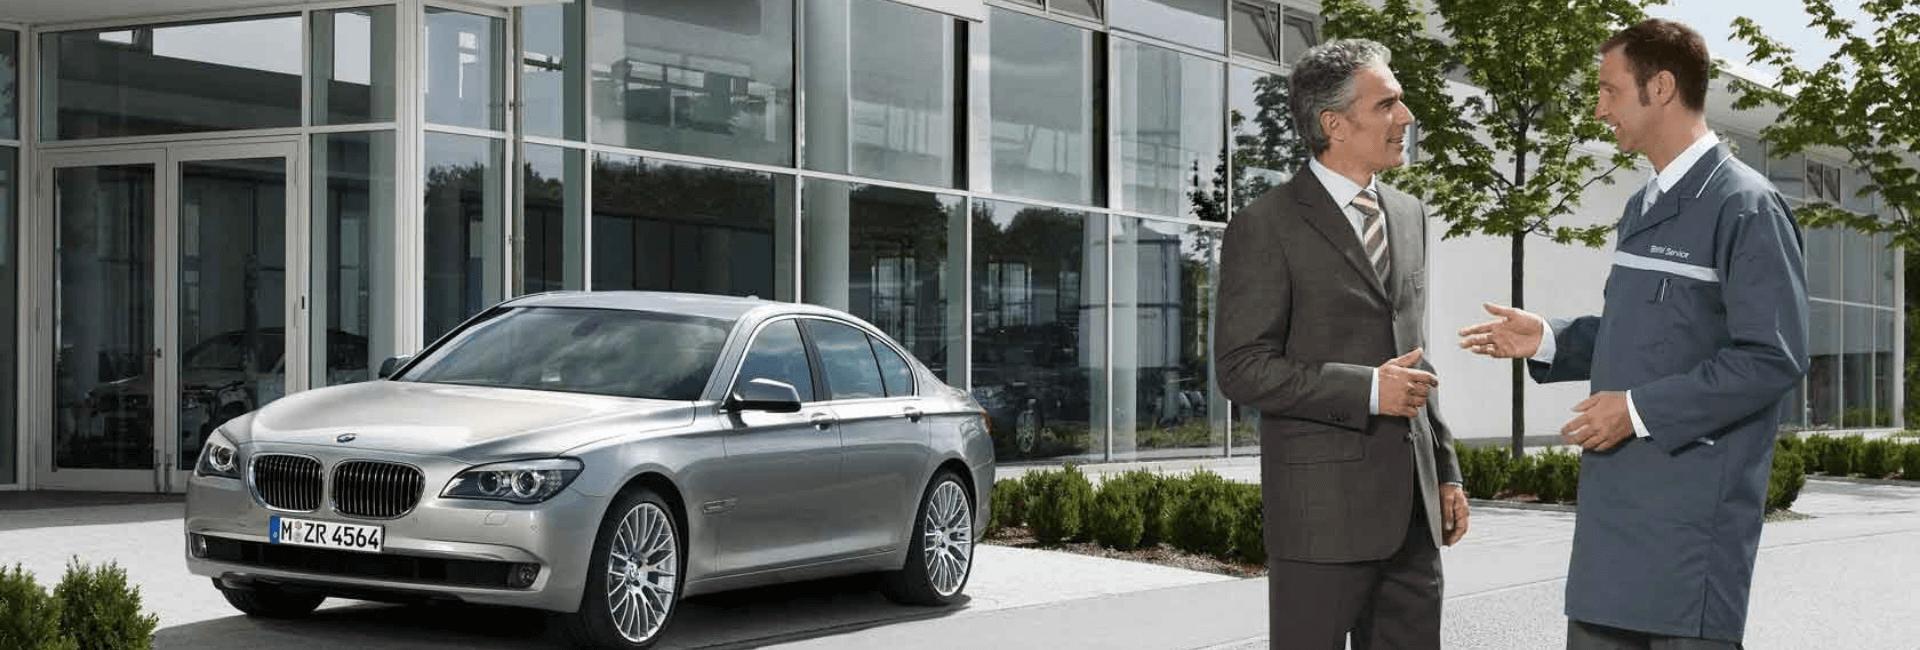 BMW Lemmens-Lecouter